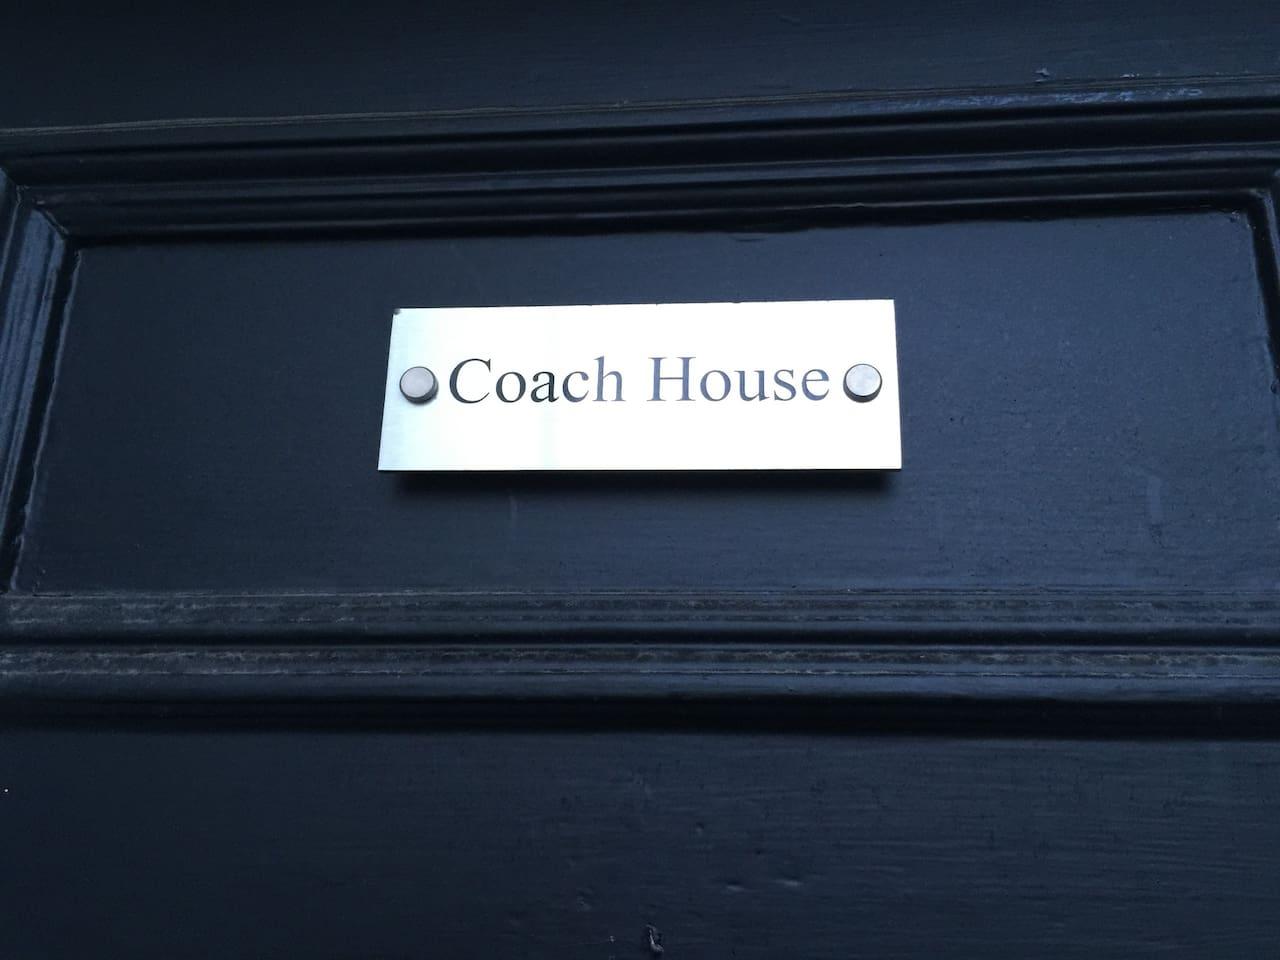 The Coachhouse Edgbaston B15 3HG